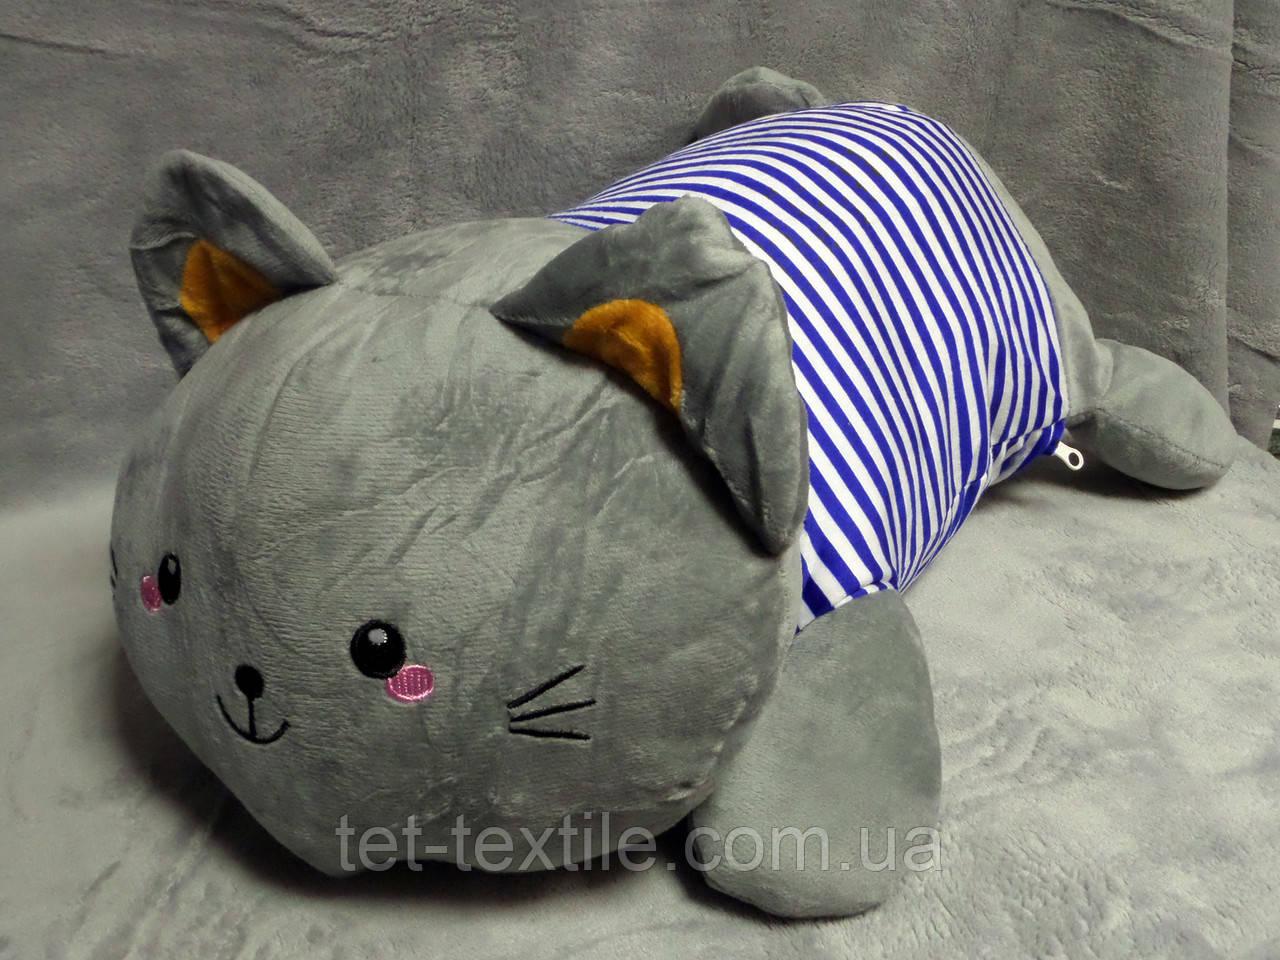 """Мягкая игрушка - подушка с пледом внутри """"Серый кот в синей тельняшке"""""""